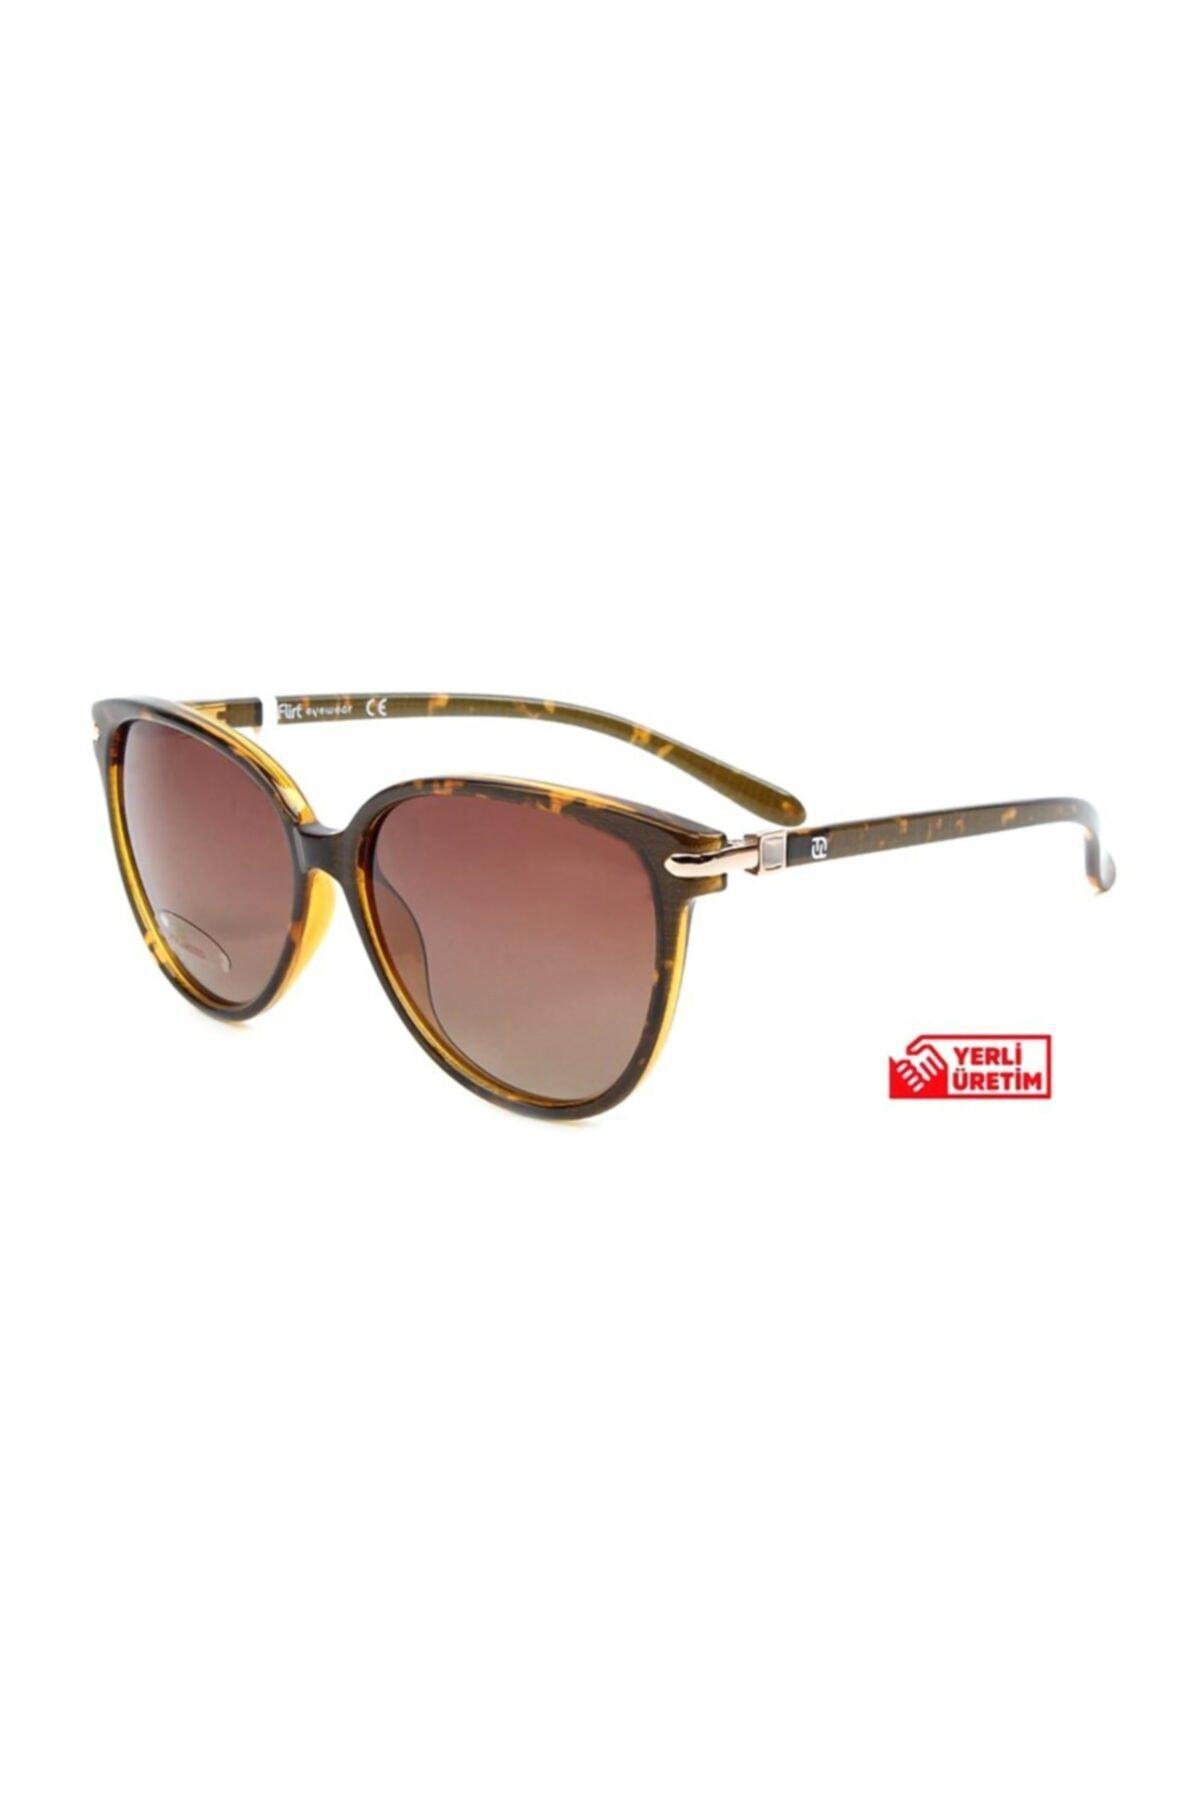 فروش عینک آفتابی زنانه حراجی برند Flirt کد ty68136901